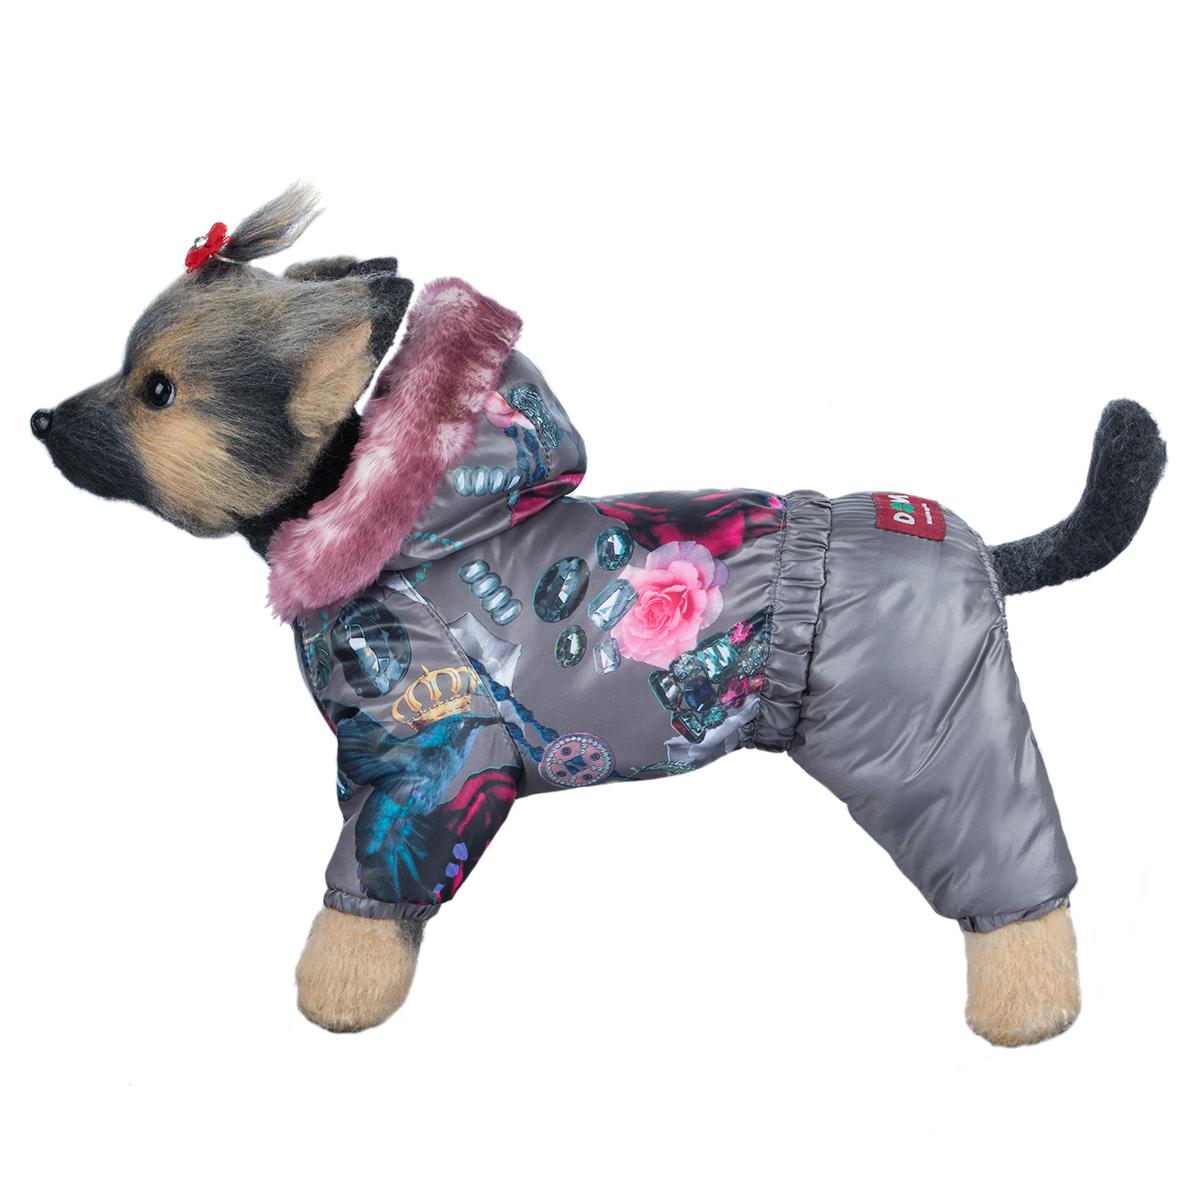 Комбинезон для собак Dogmoda Гламур, для девочки. Размер 2 (M)DM-160296-2Зимний комбинезон для собак Dogmoda Гламурr предназначен для собачек женского пола отлично подойдет для прогулок в зимнее время года. Комбинезон изготовлен из полиэстера, защищающего от ветра и снега, с утеплителем из синтепона, который сохранит тепло даже в сильные морозы, а на подкладке используется искусственный мех, который обеспечивает отличный воздухообмен. Комбинезон с капюшоном застегивается на кнопки, благодаря чему его легко надевать и снимать. Капюшон украшен искусственным мехом и не отстегивается. Низ рукавов и брючин оснащен внутренними резинками, которые мягко обхватывают лапки, не позволяя просачиваться холодному воздуху. На пояснице комбинезон затягивается на шнурок-кулиску. Благодаря такому комбинезону простуда не грозит вашему питомцу.